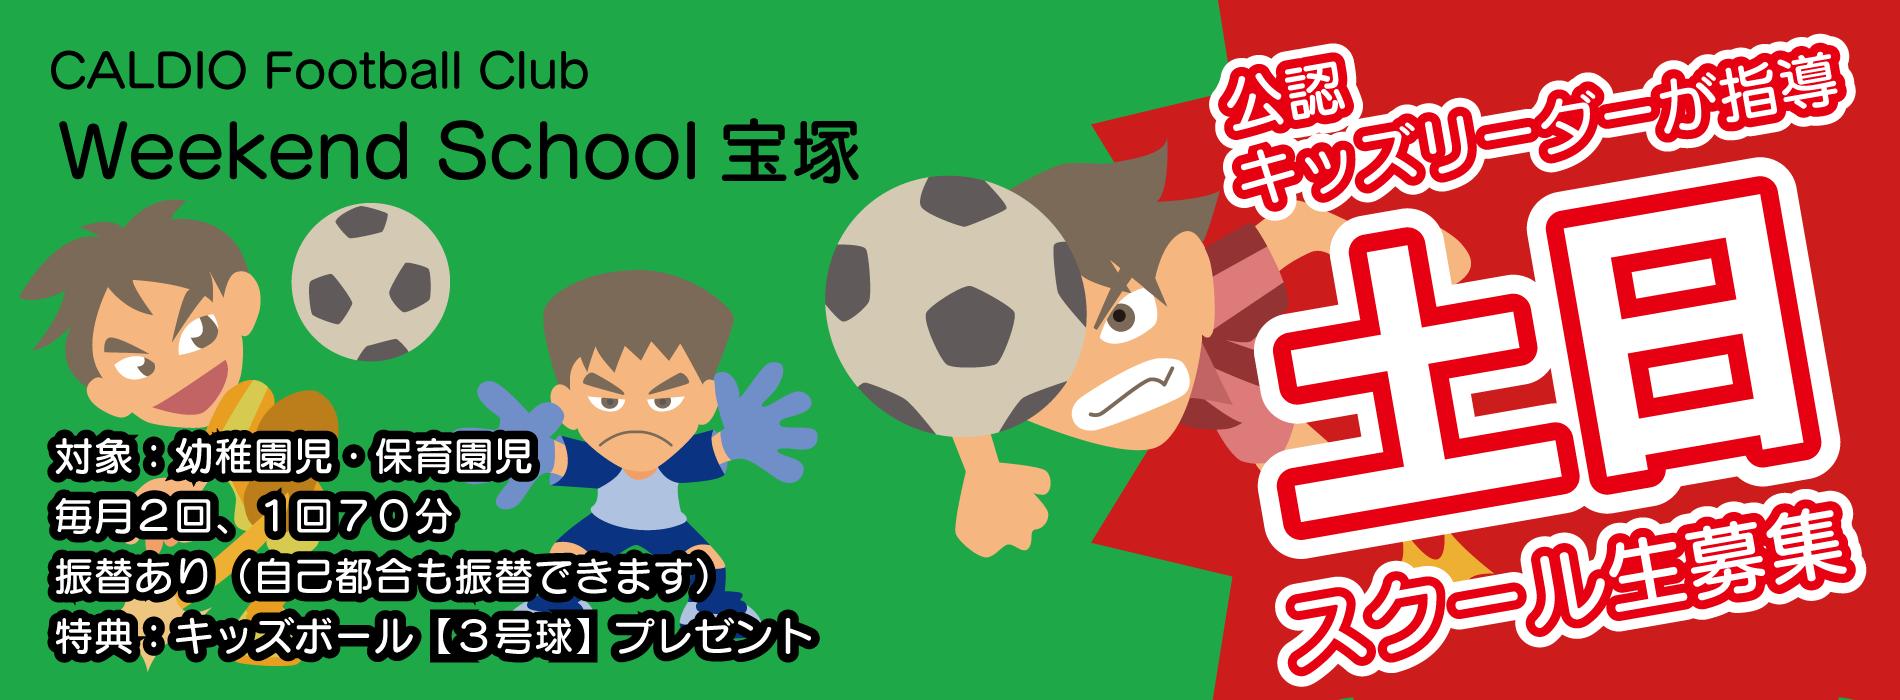 土日宝塚サッカースクール